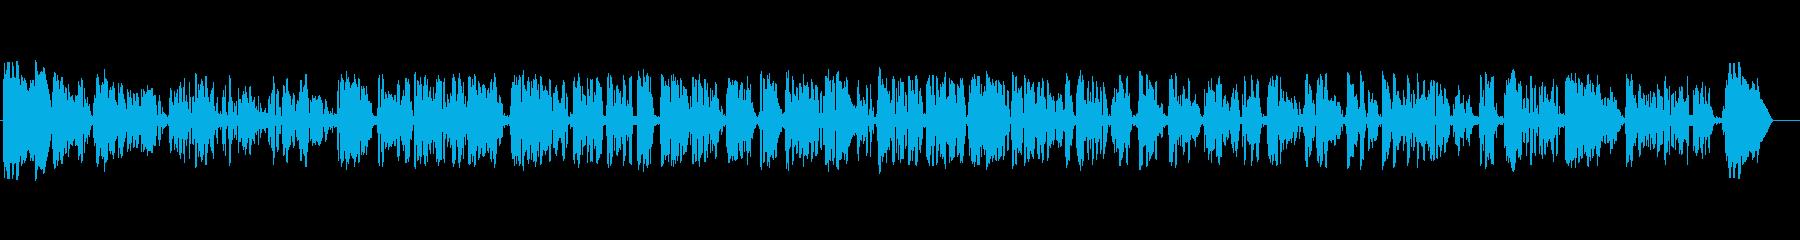 テレビ;音楽と女性のニュースレポー...の再生済みの波形